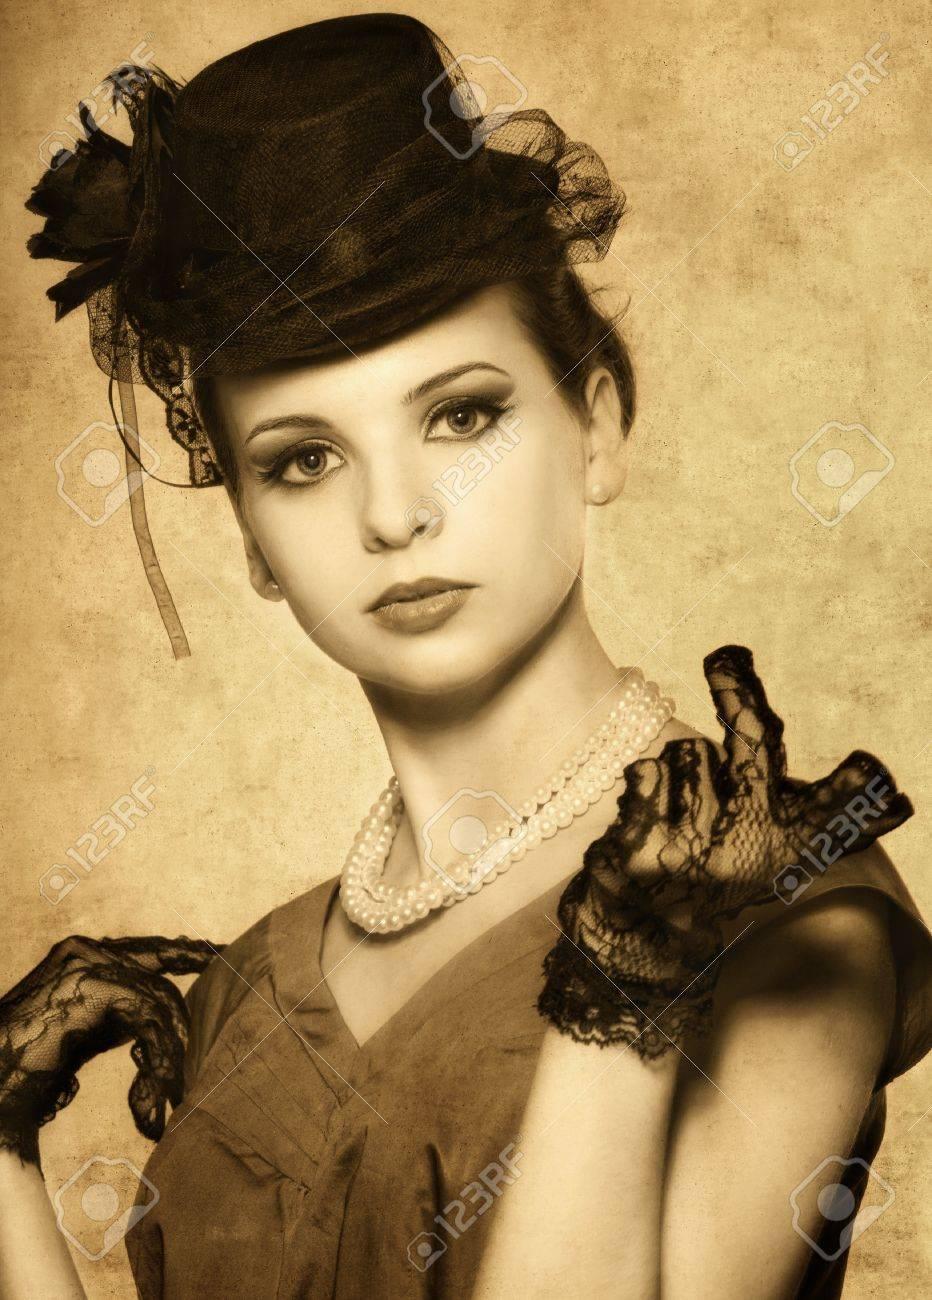 Woman Vintage Com